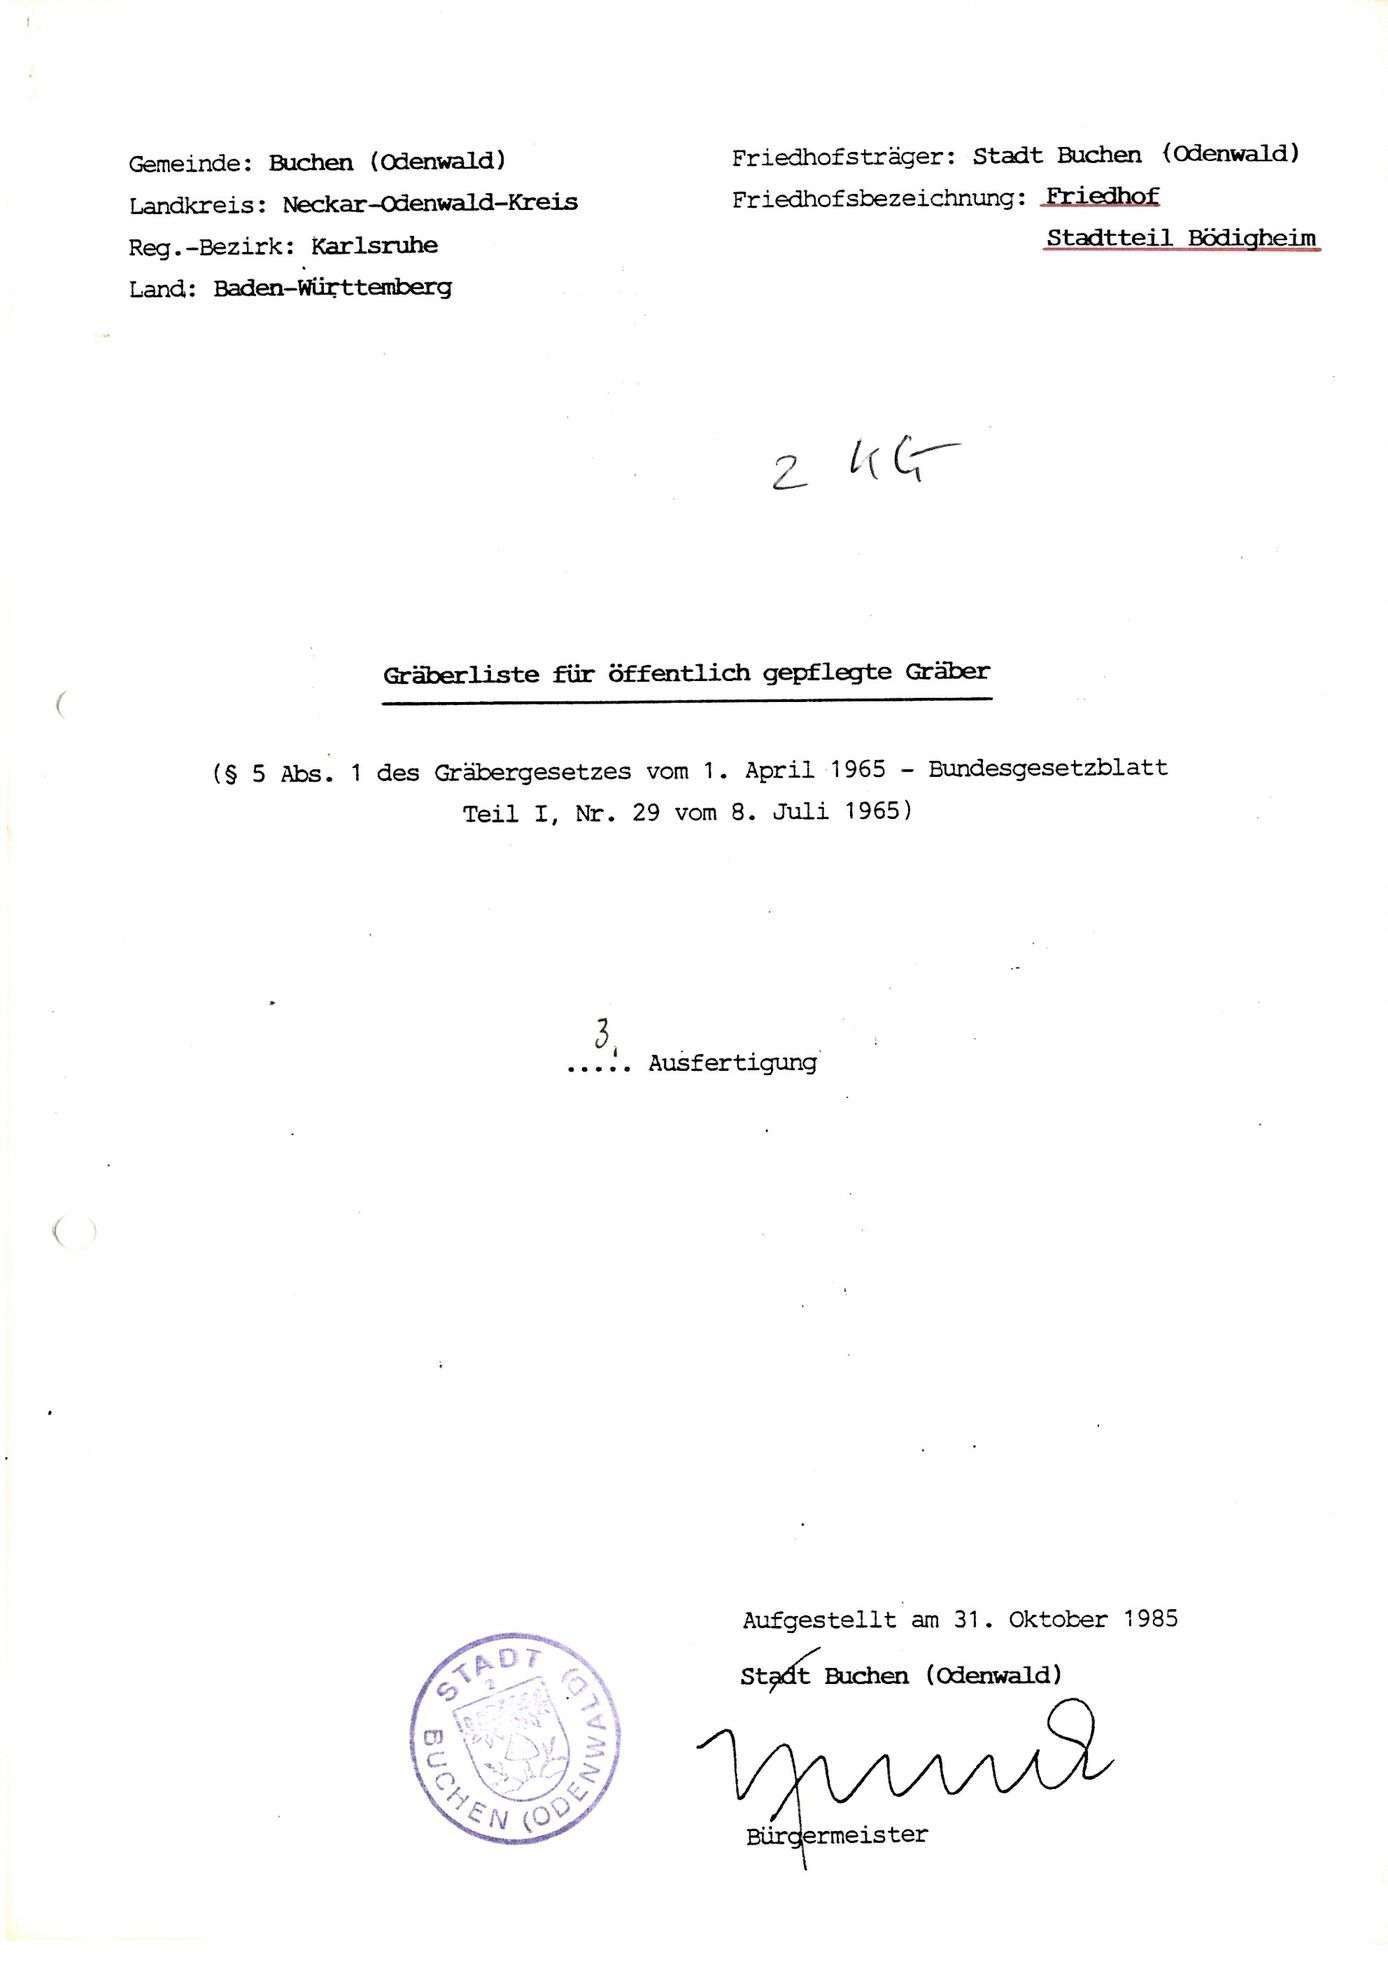 Bödigheim, Bild 1